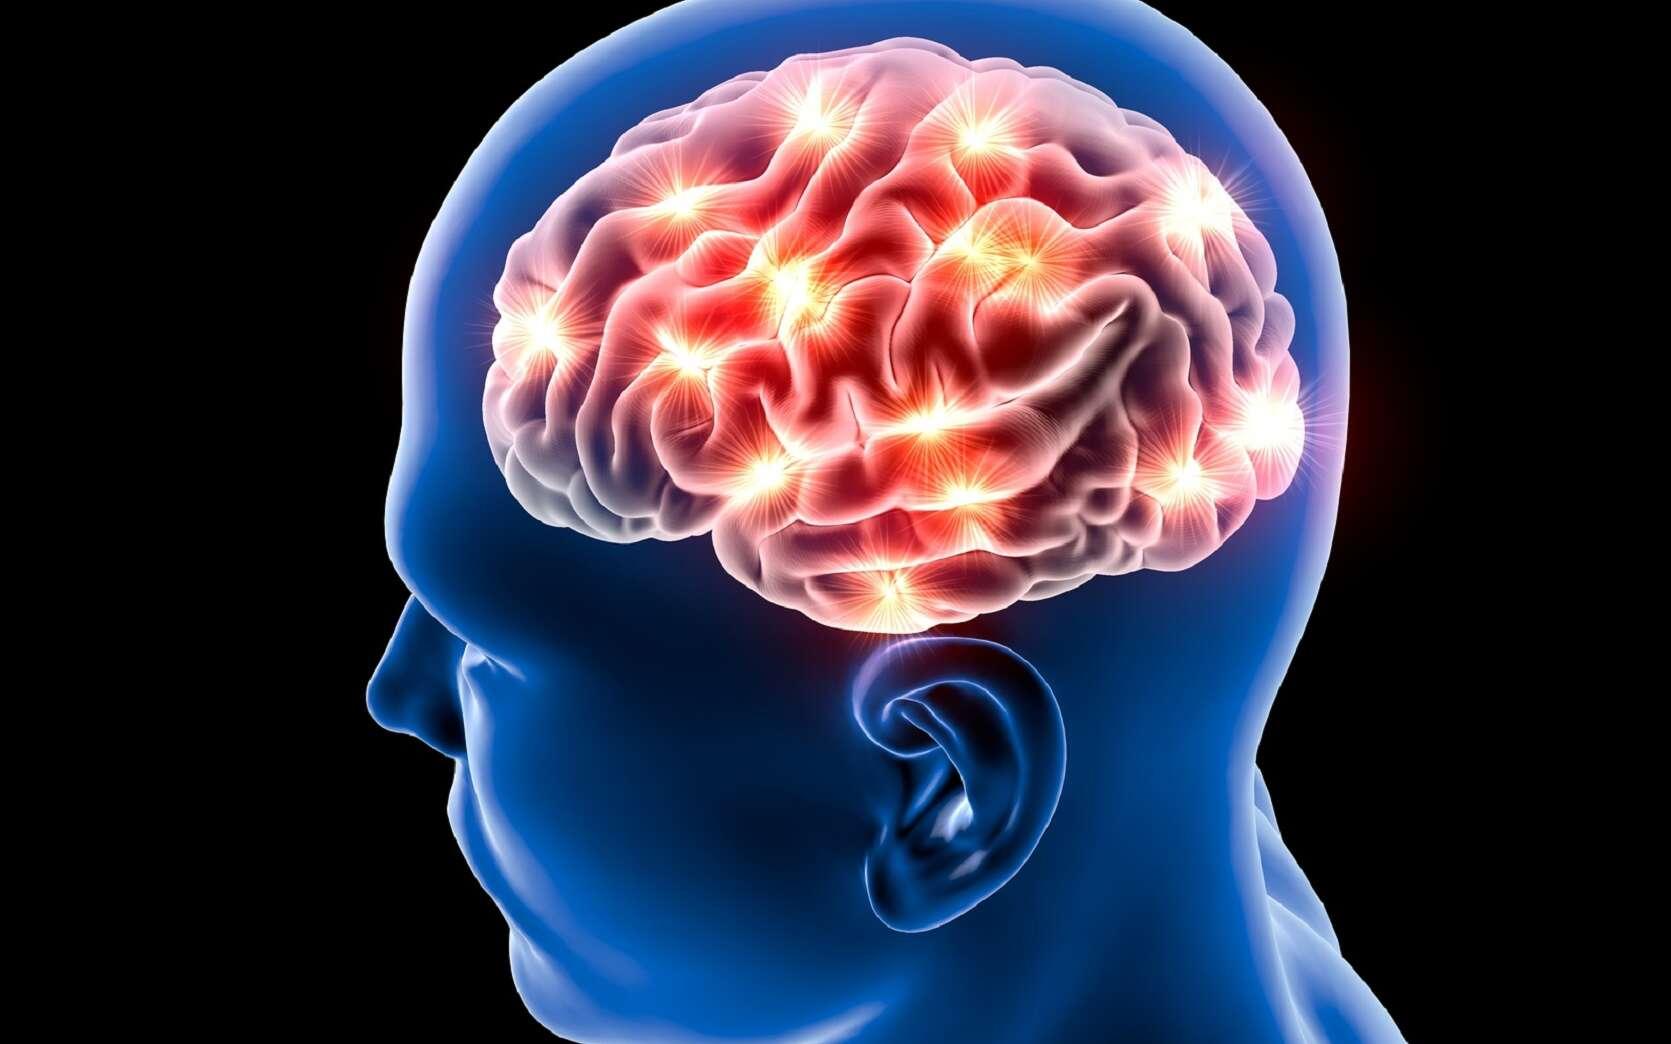 Il existerait des traces « préconscientes » des décisions dans le cerveau. © Naeblys, Shutterstock